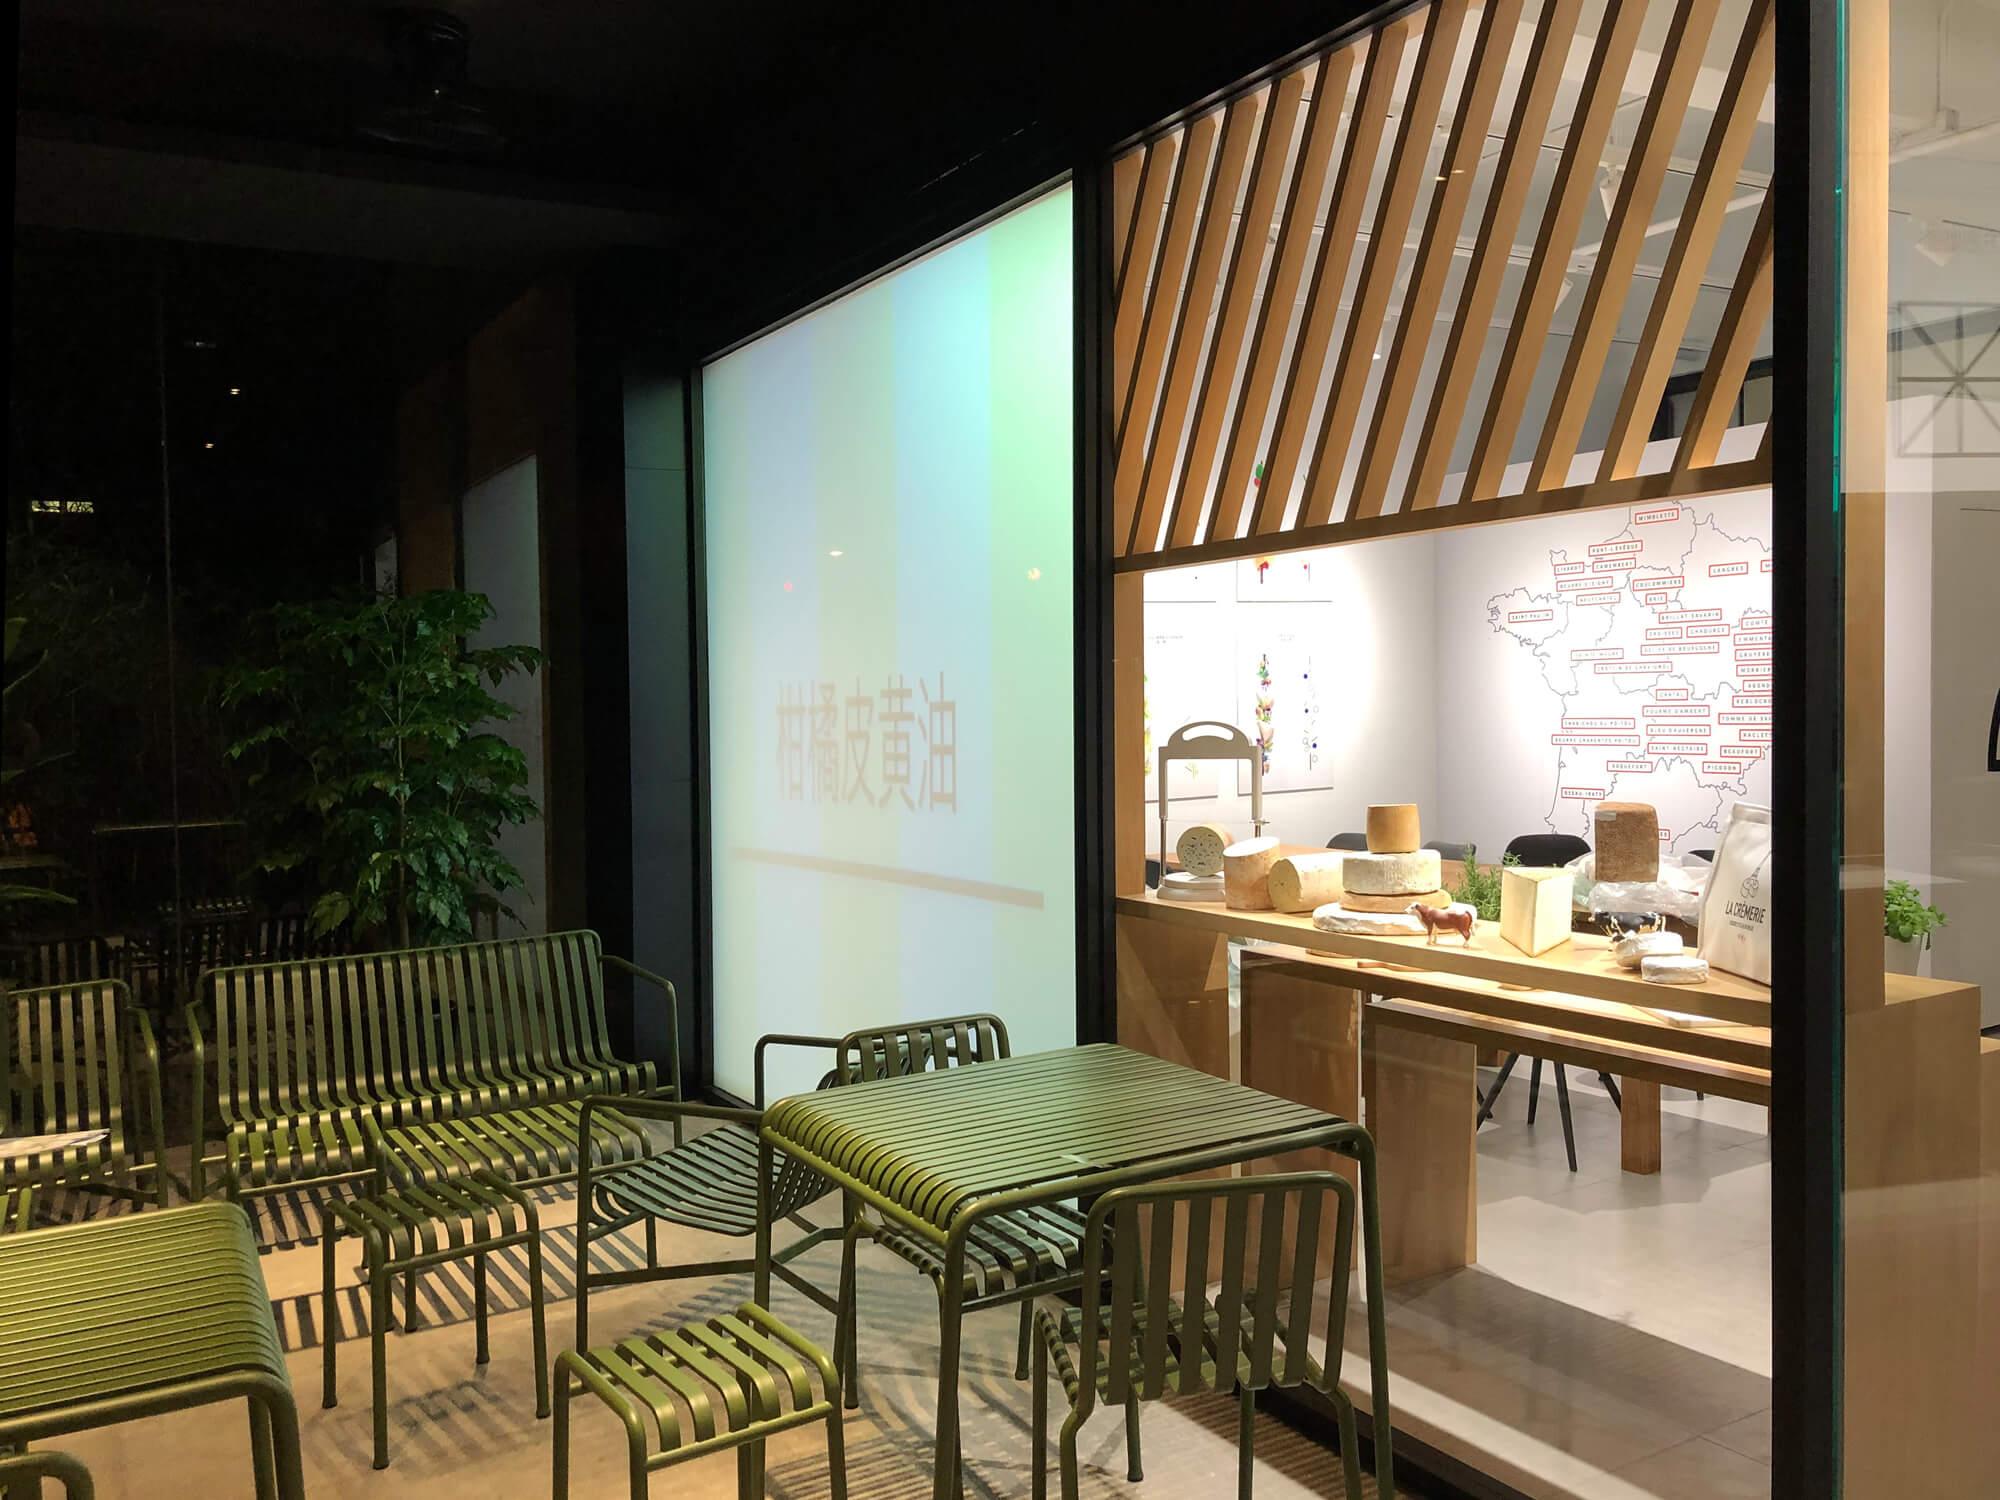 Terrasse du concept store la cremerie a shanghai avec un mobilier dessiné par les frères bouroullec pour la marque Hay